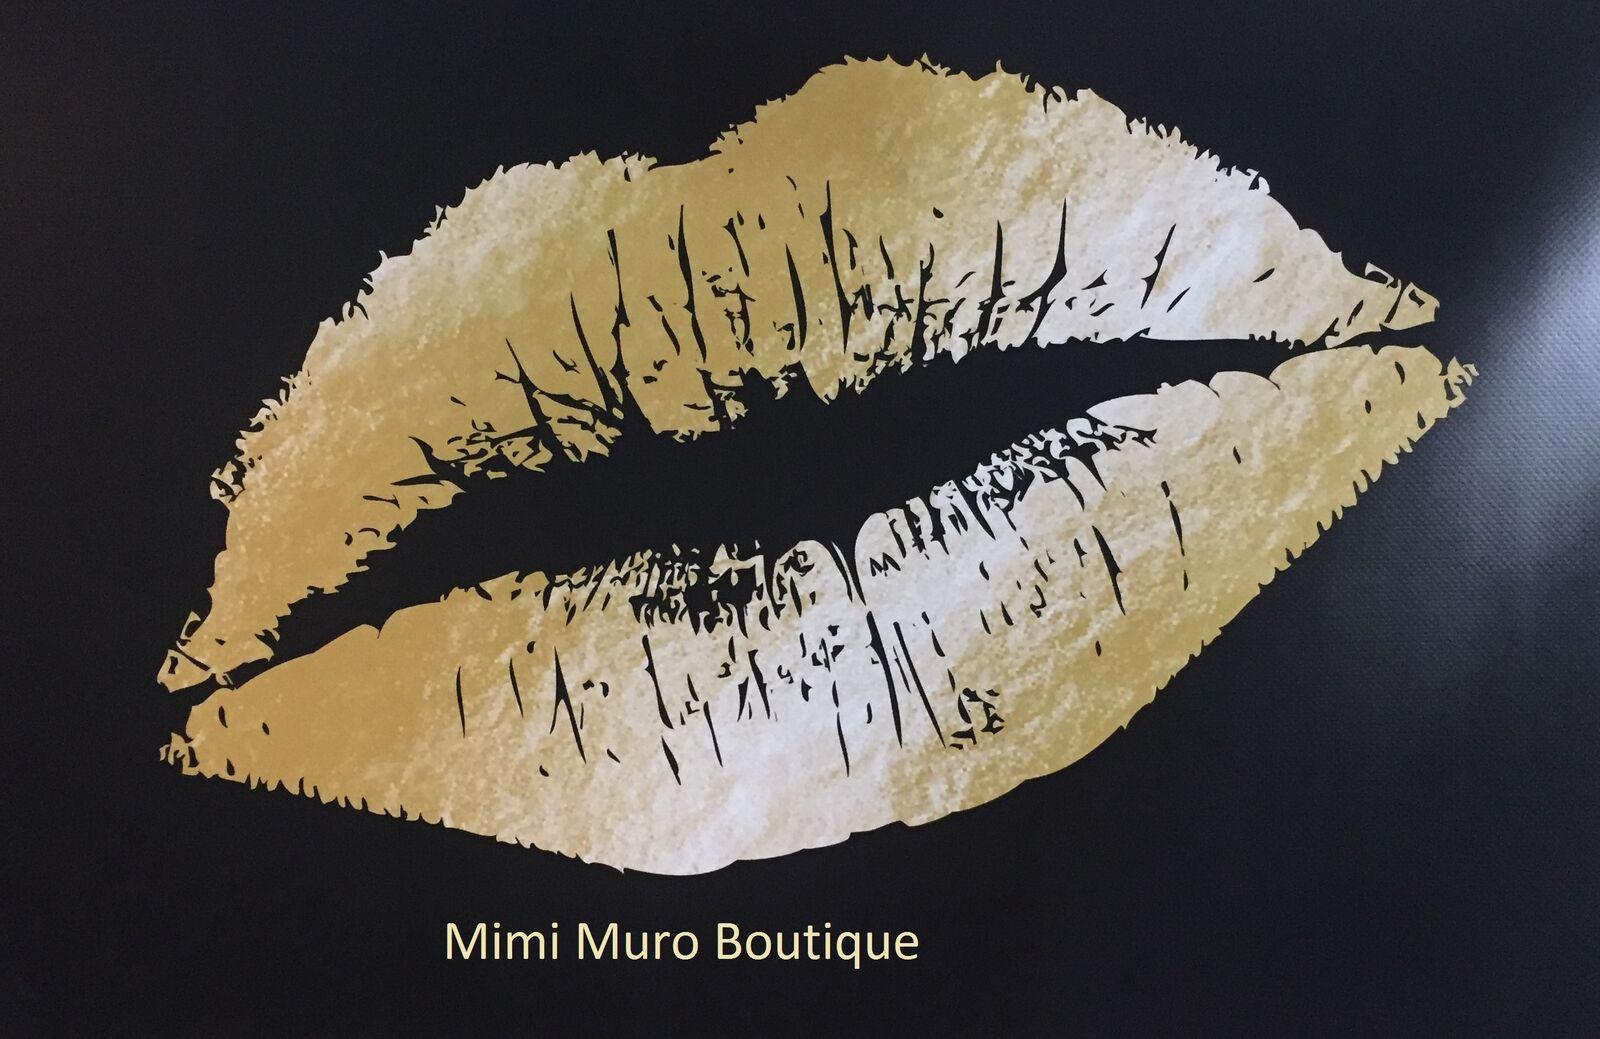 MimiMuro Boutique